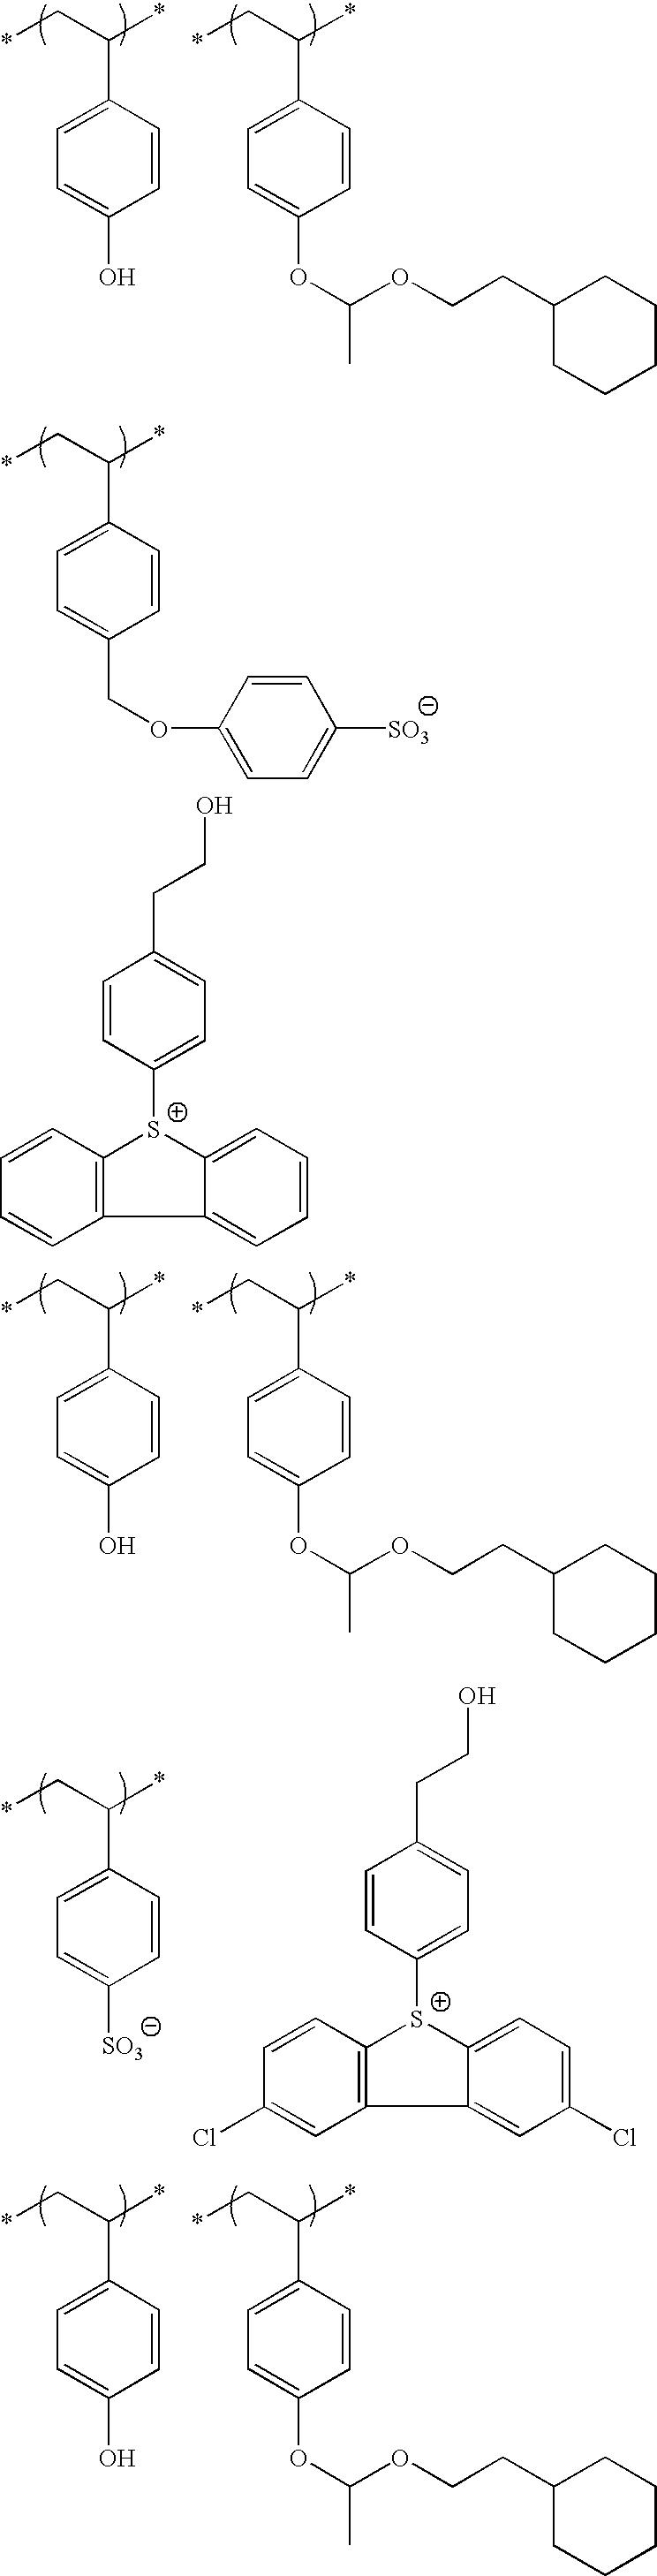 Figure US08852845-20141007-C00152